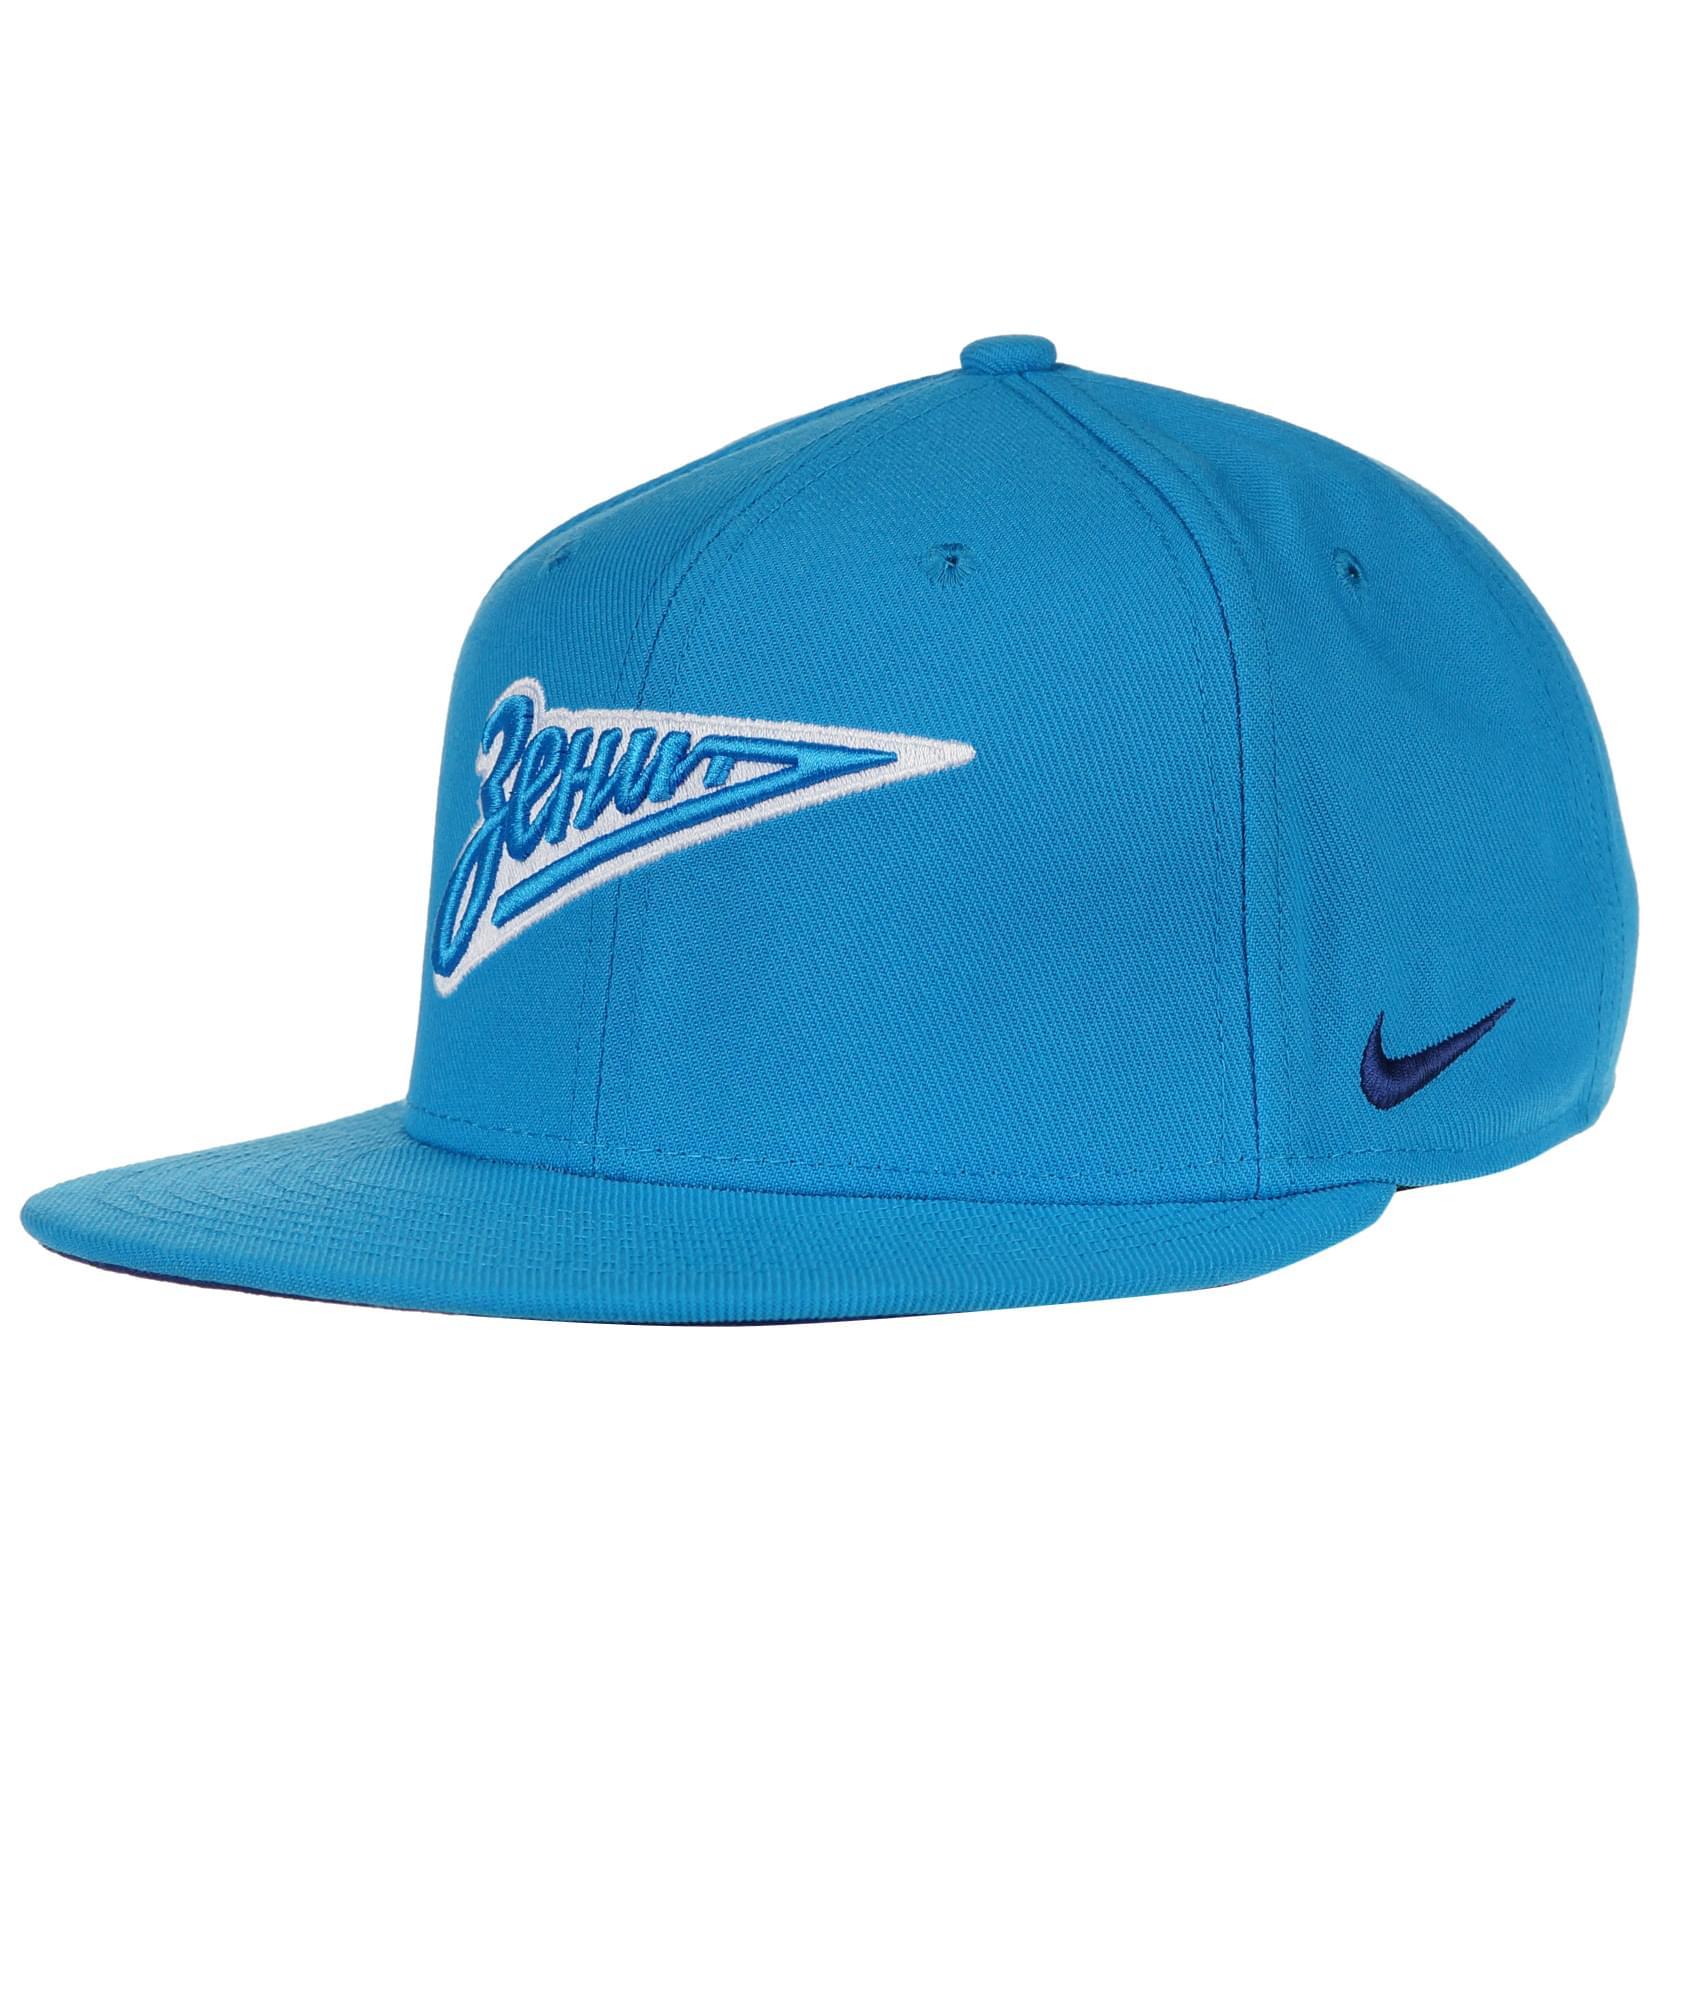 Бейсболка Nike Nike Цвет-Лазурный бейсболка nike nike цвет лазурный